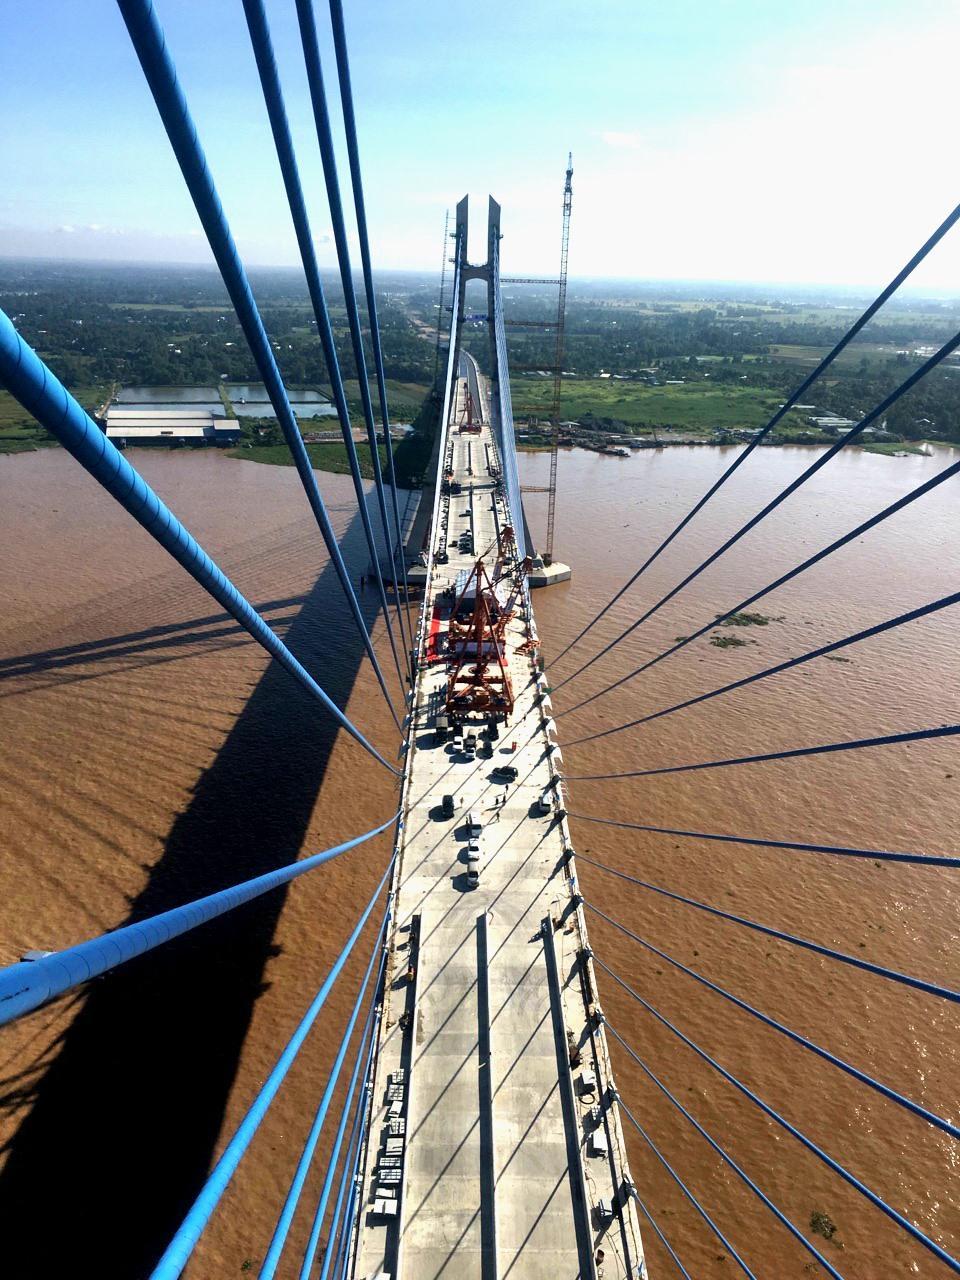 Cầu Vàm Cống nhìn từ trên trụ cầu. Ảnh: Lục Tùng